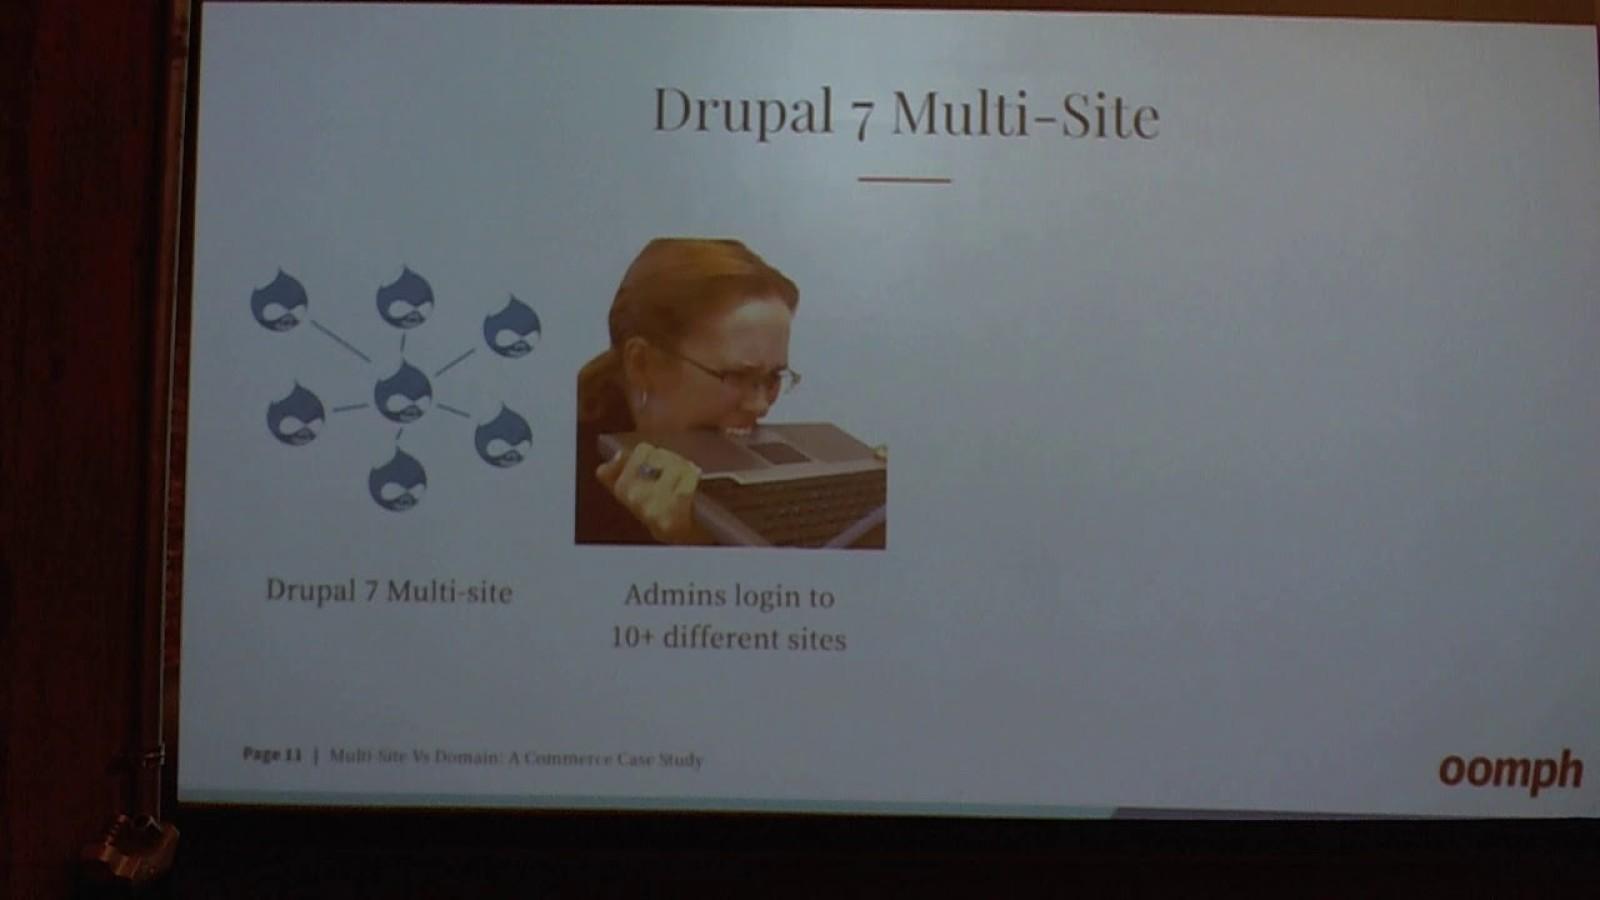 Multi-Site Vs Domain: A Commerce Case Study